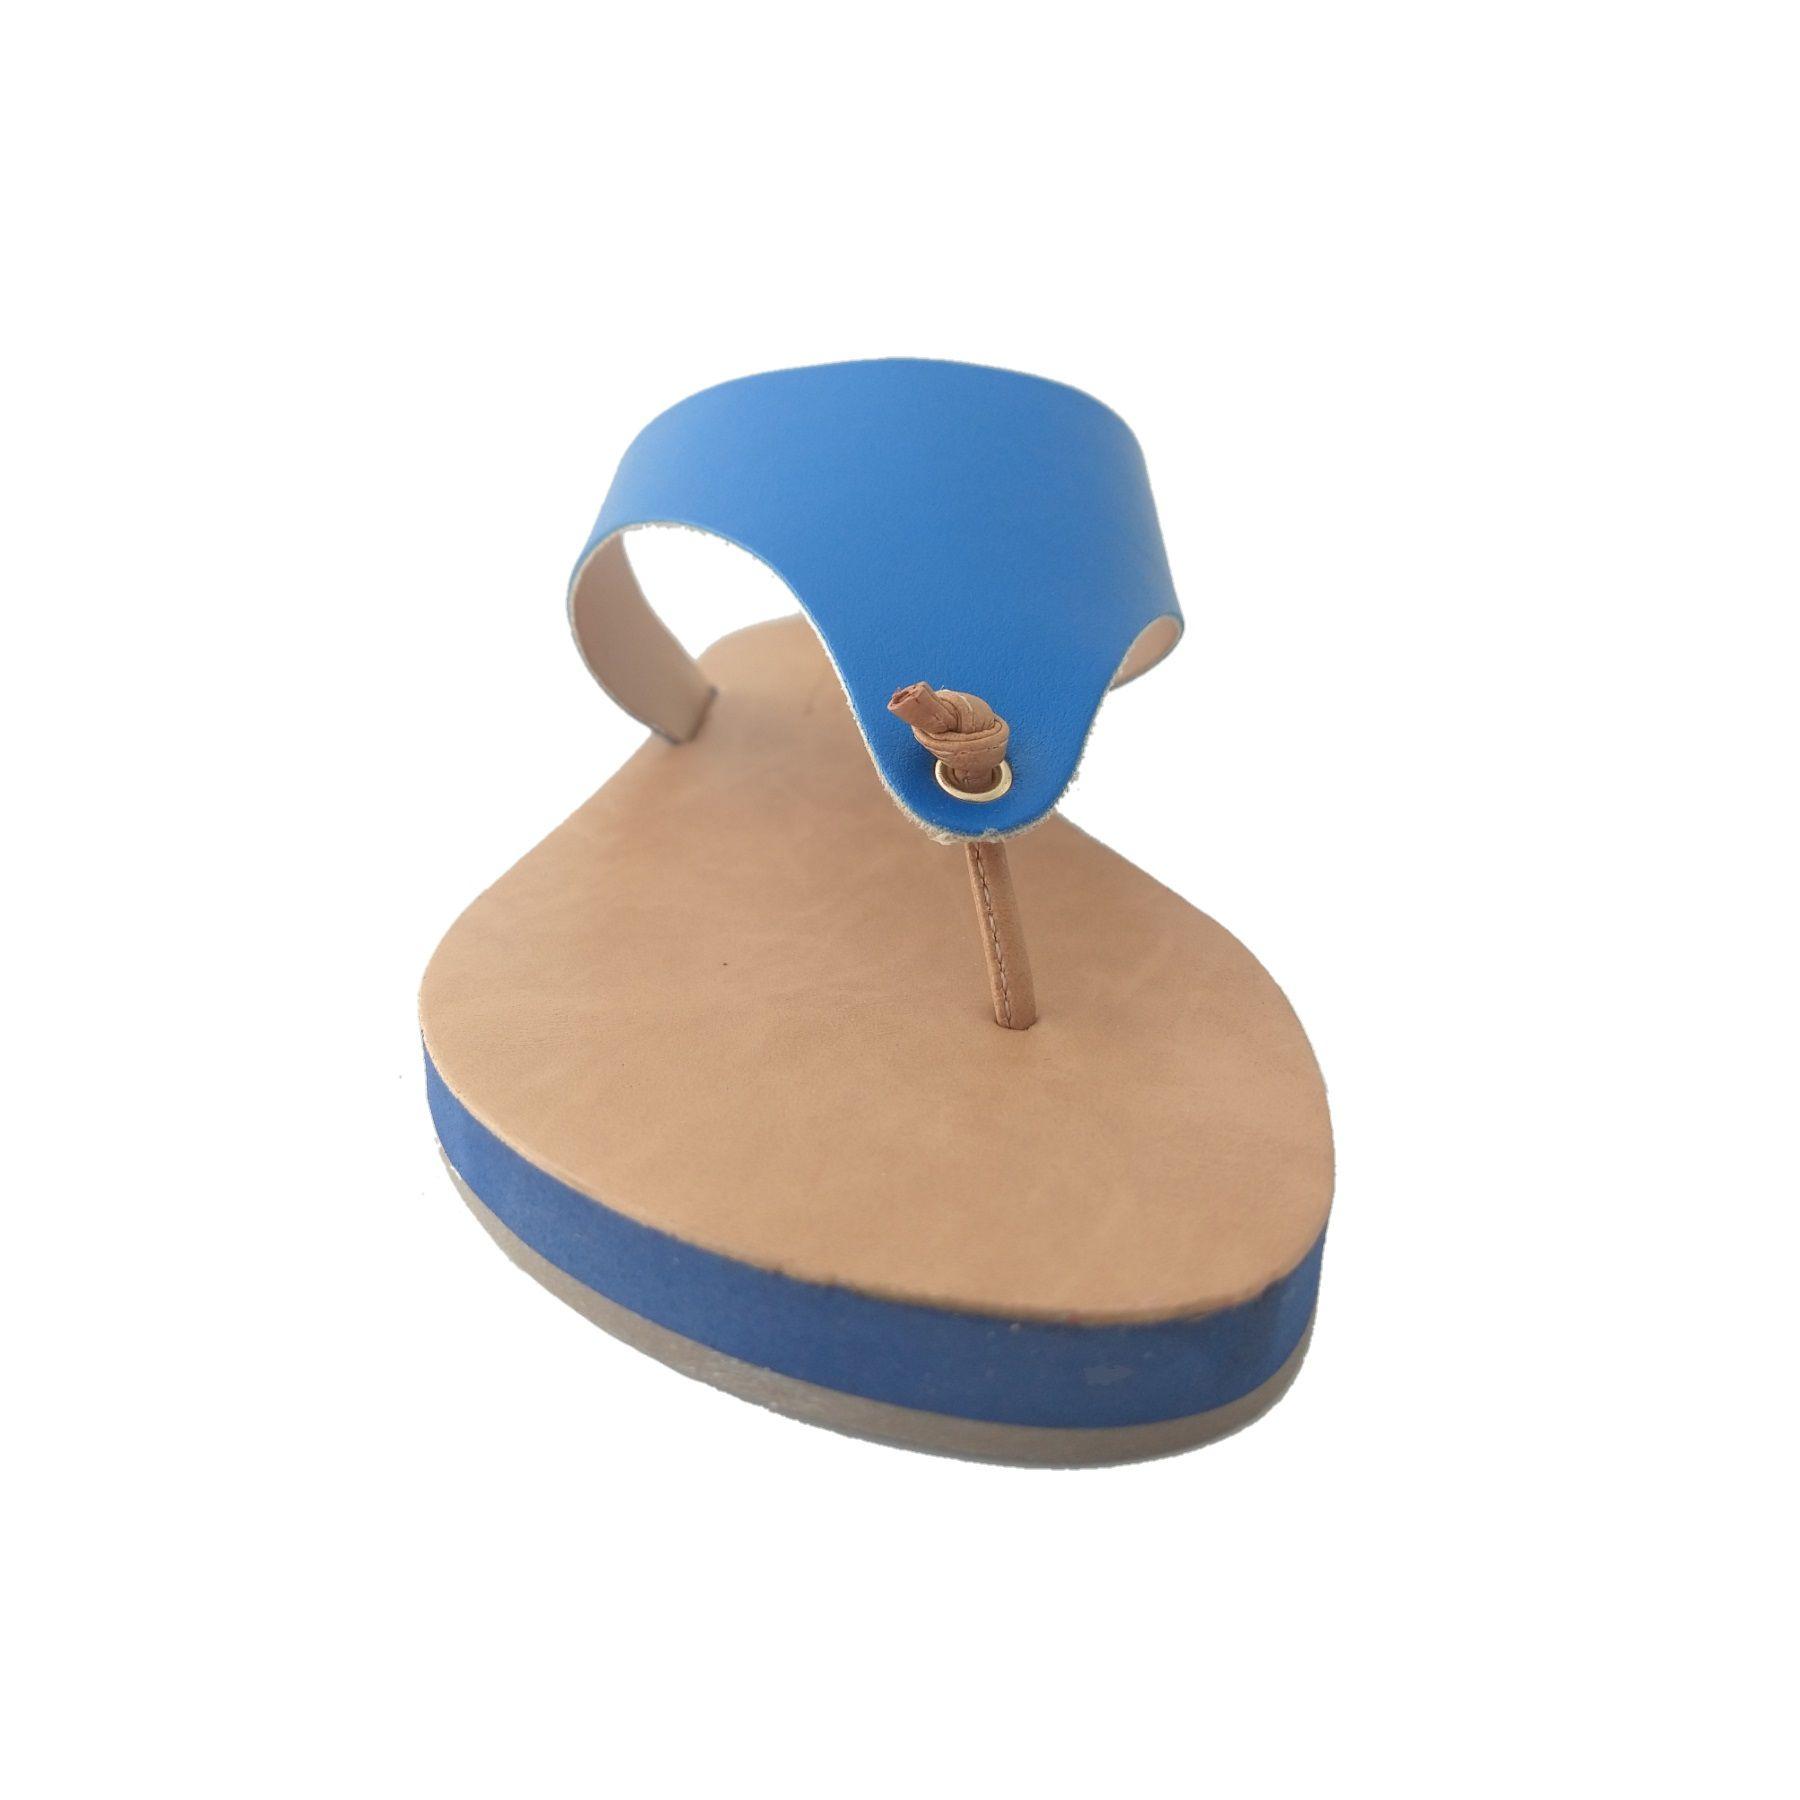 Rasteira SapatoWeb Couro Azul  - SAPATOWEB.COM